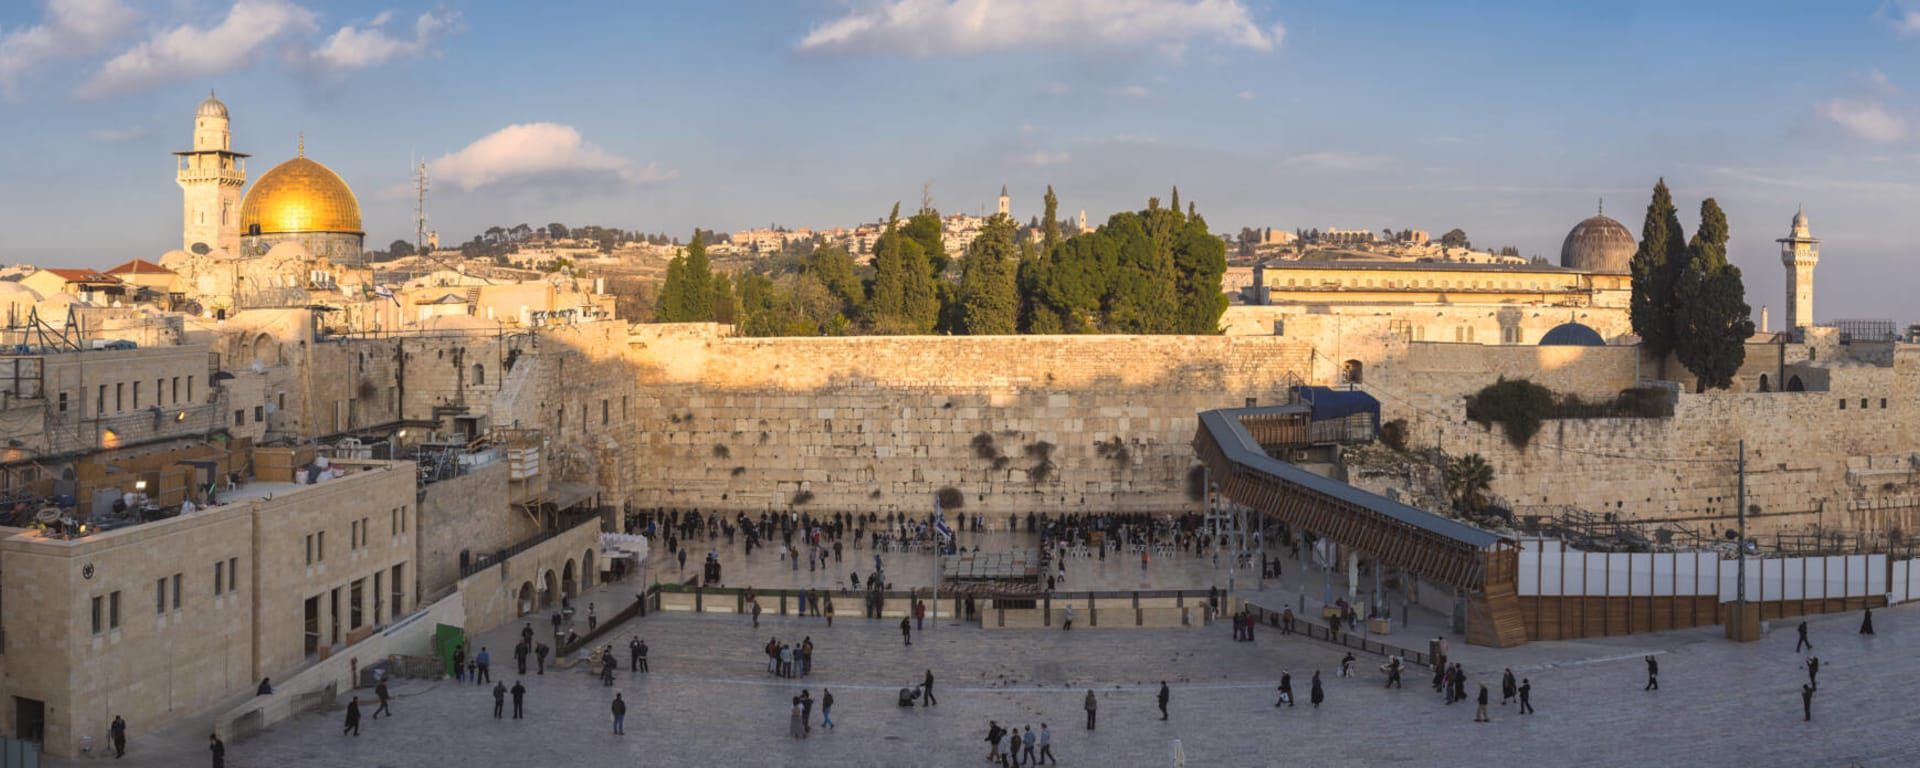 Israel entdecken mit Tischler Reisen: Israel Jerusalem Altstadt